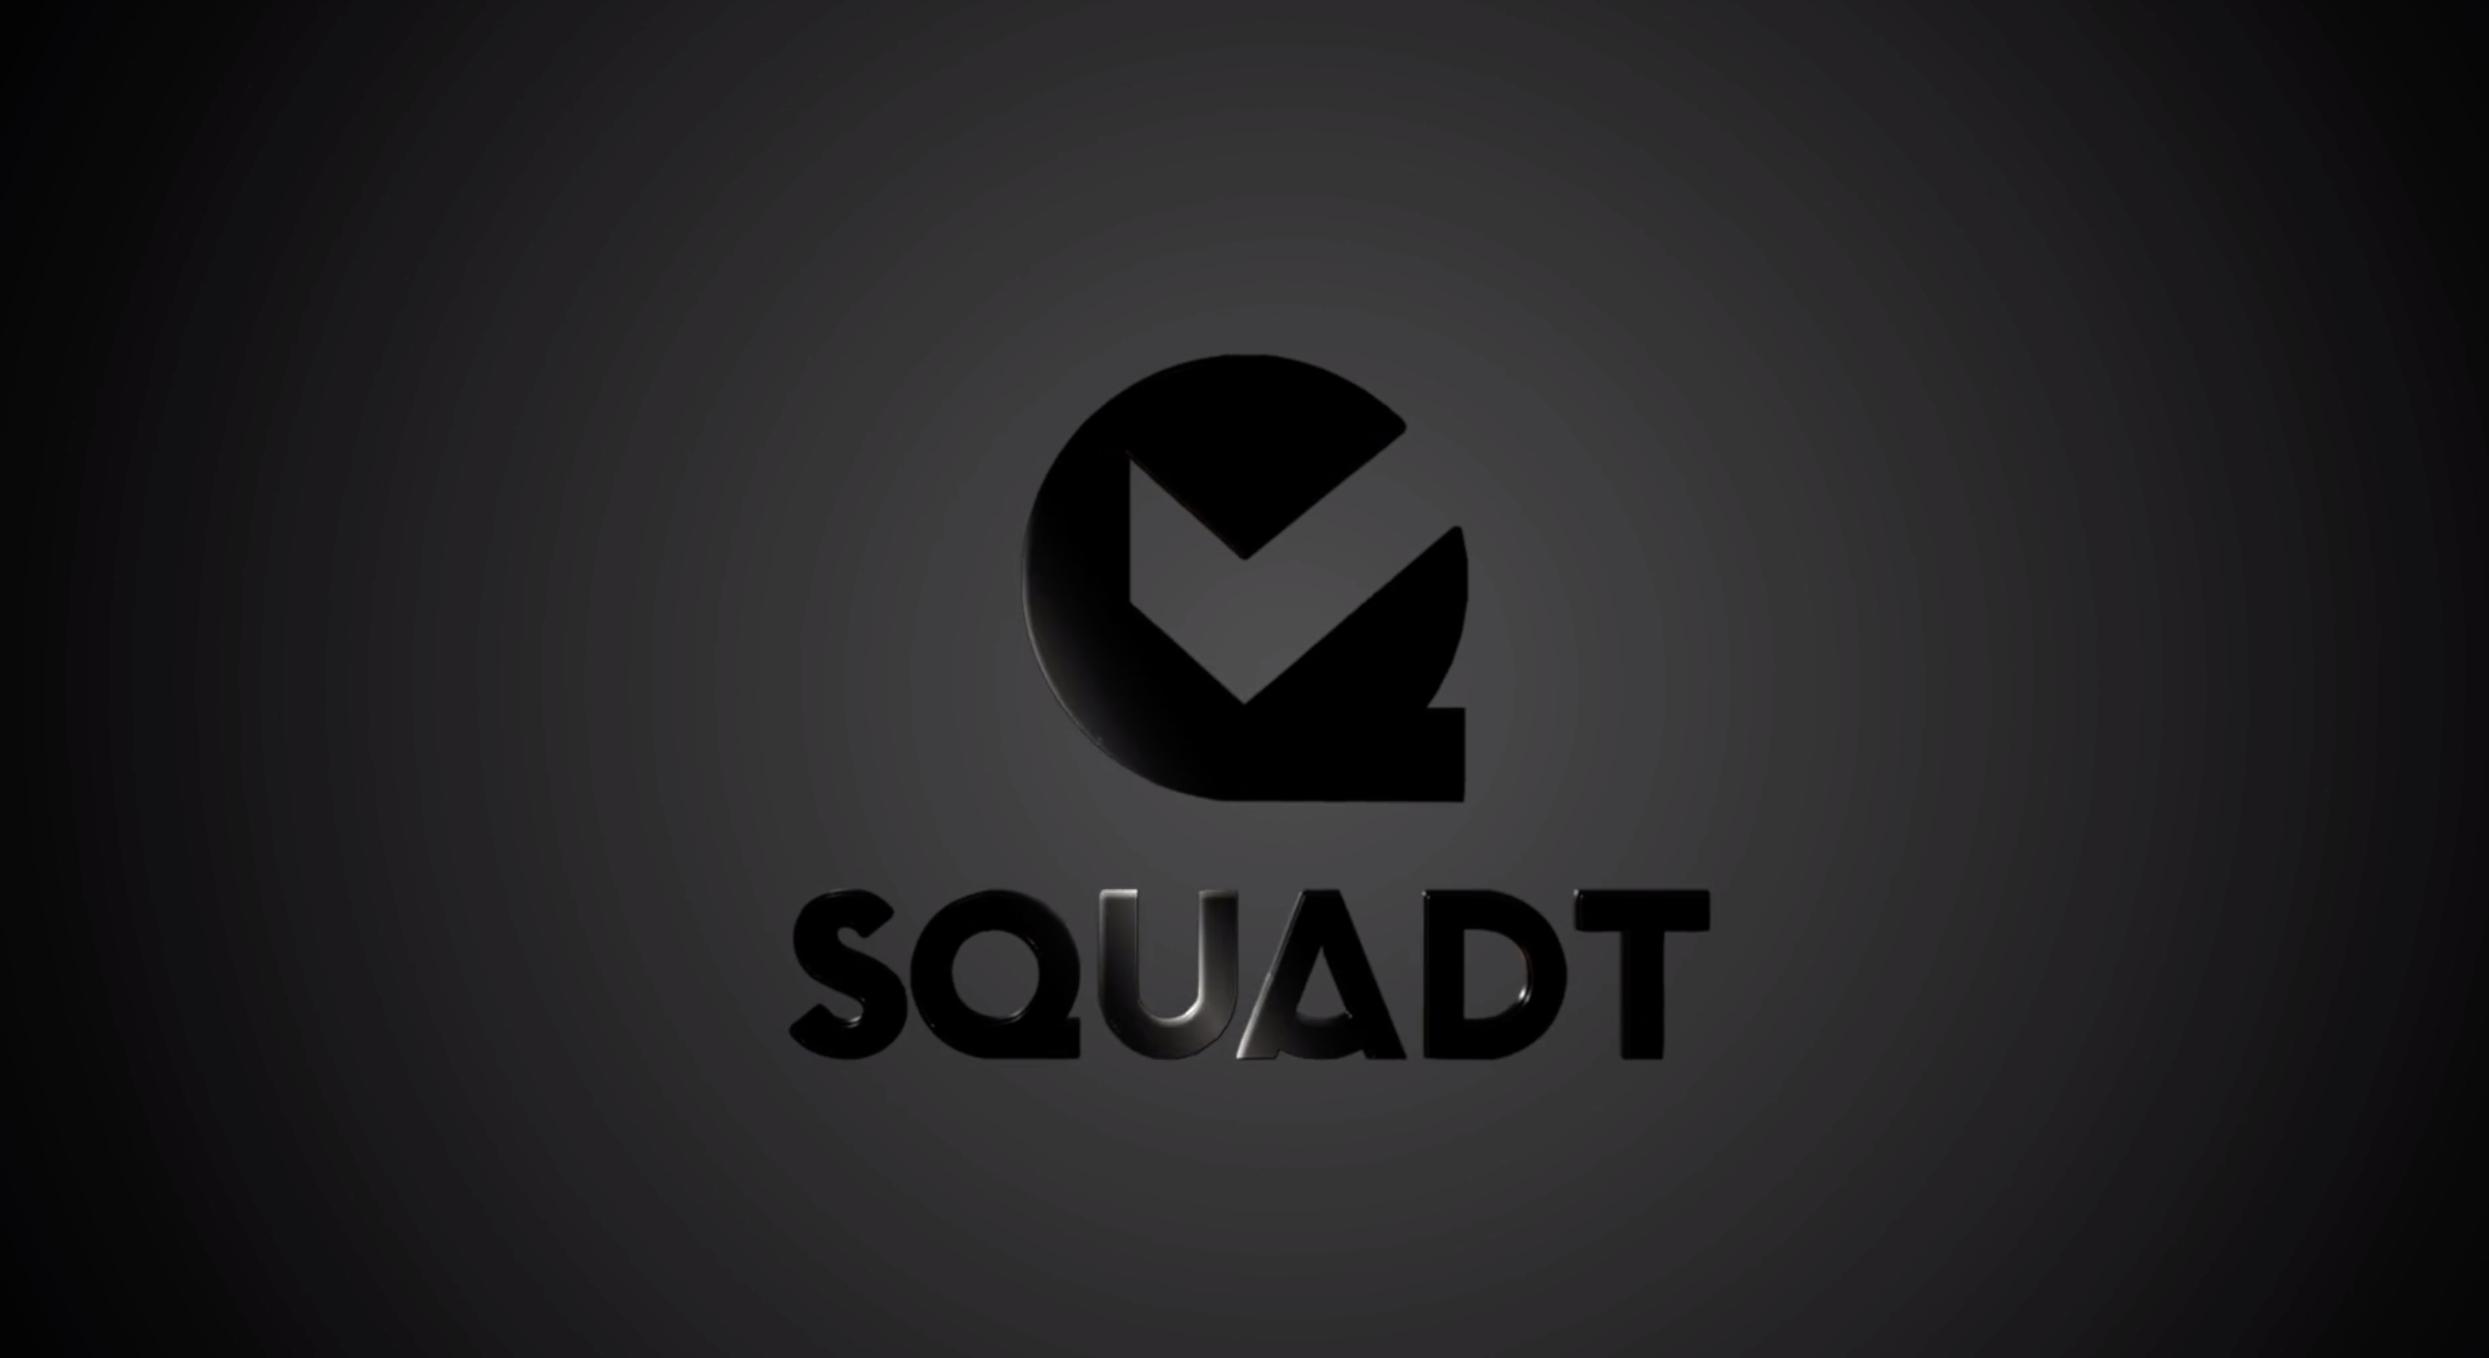 Squadt